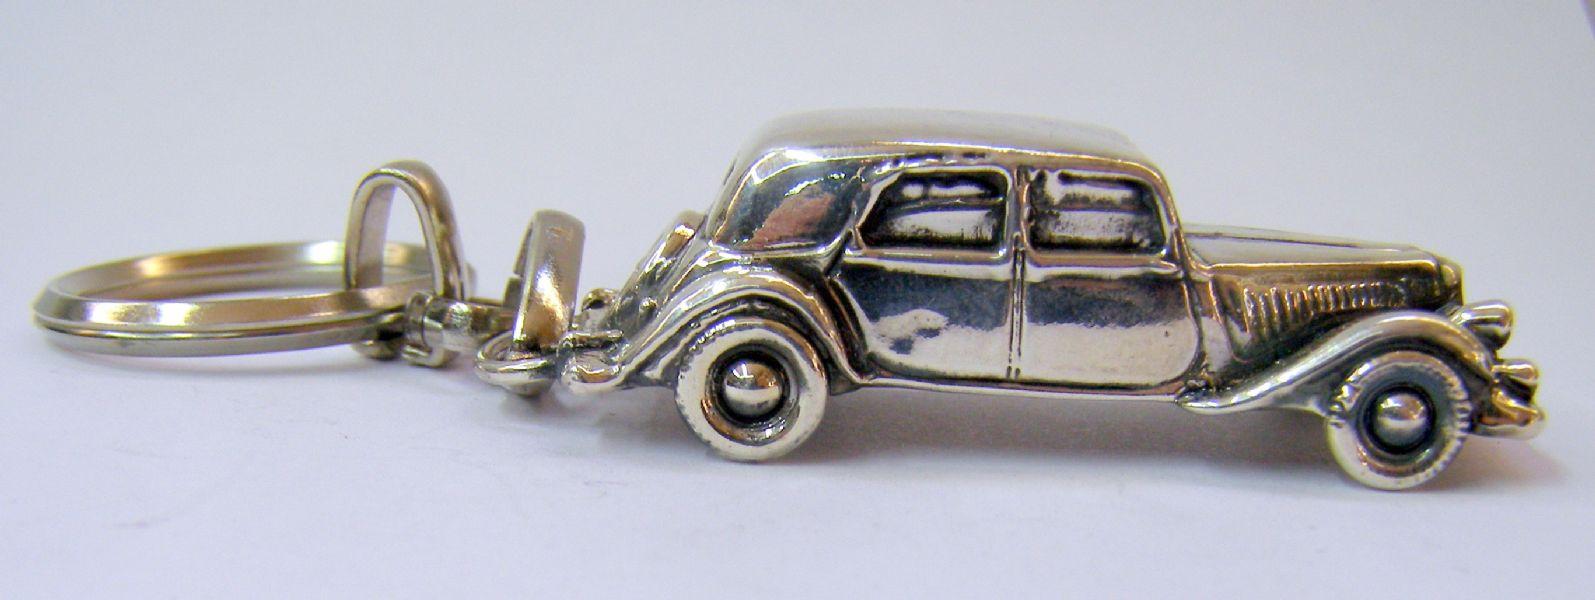 Antique Car Key Chain